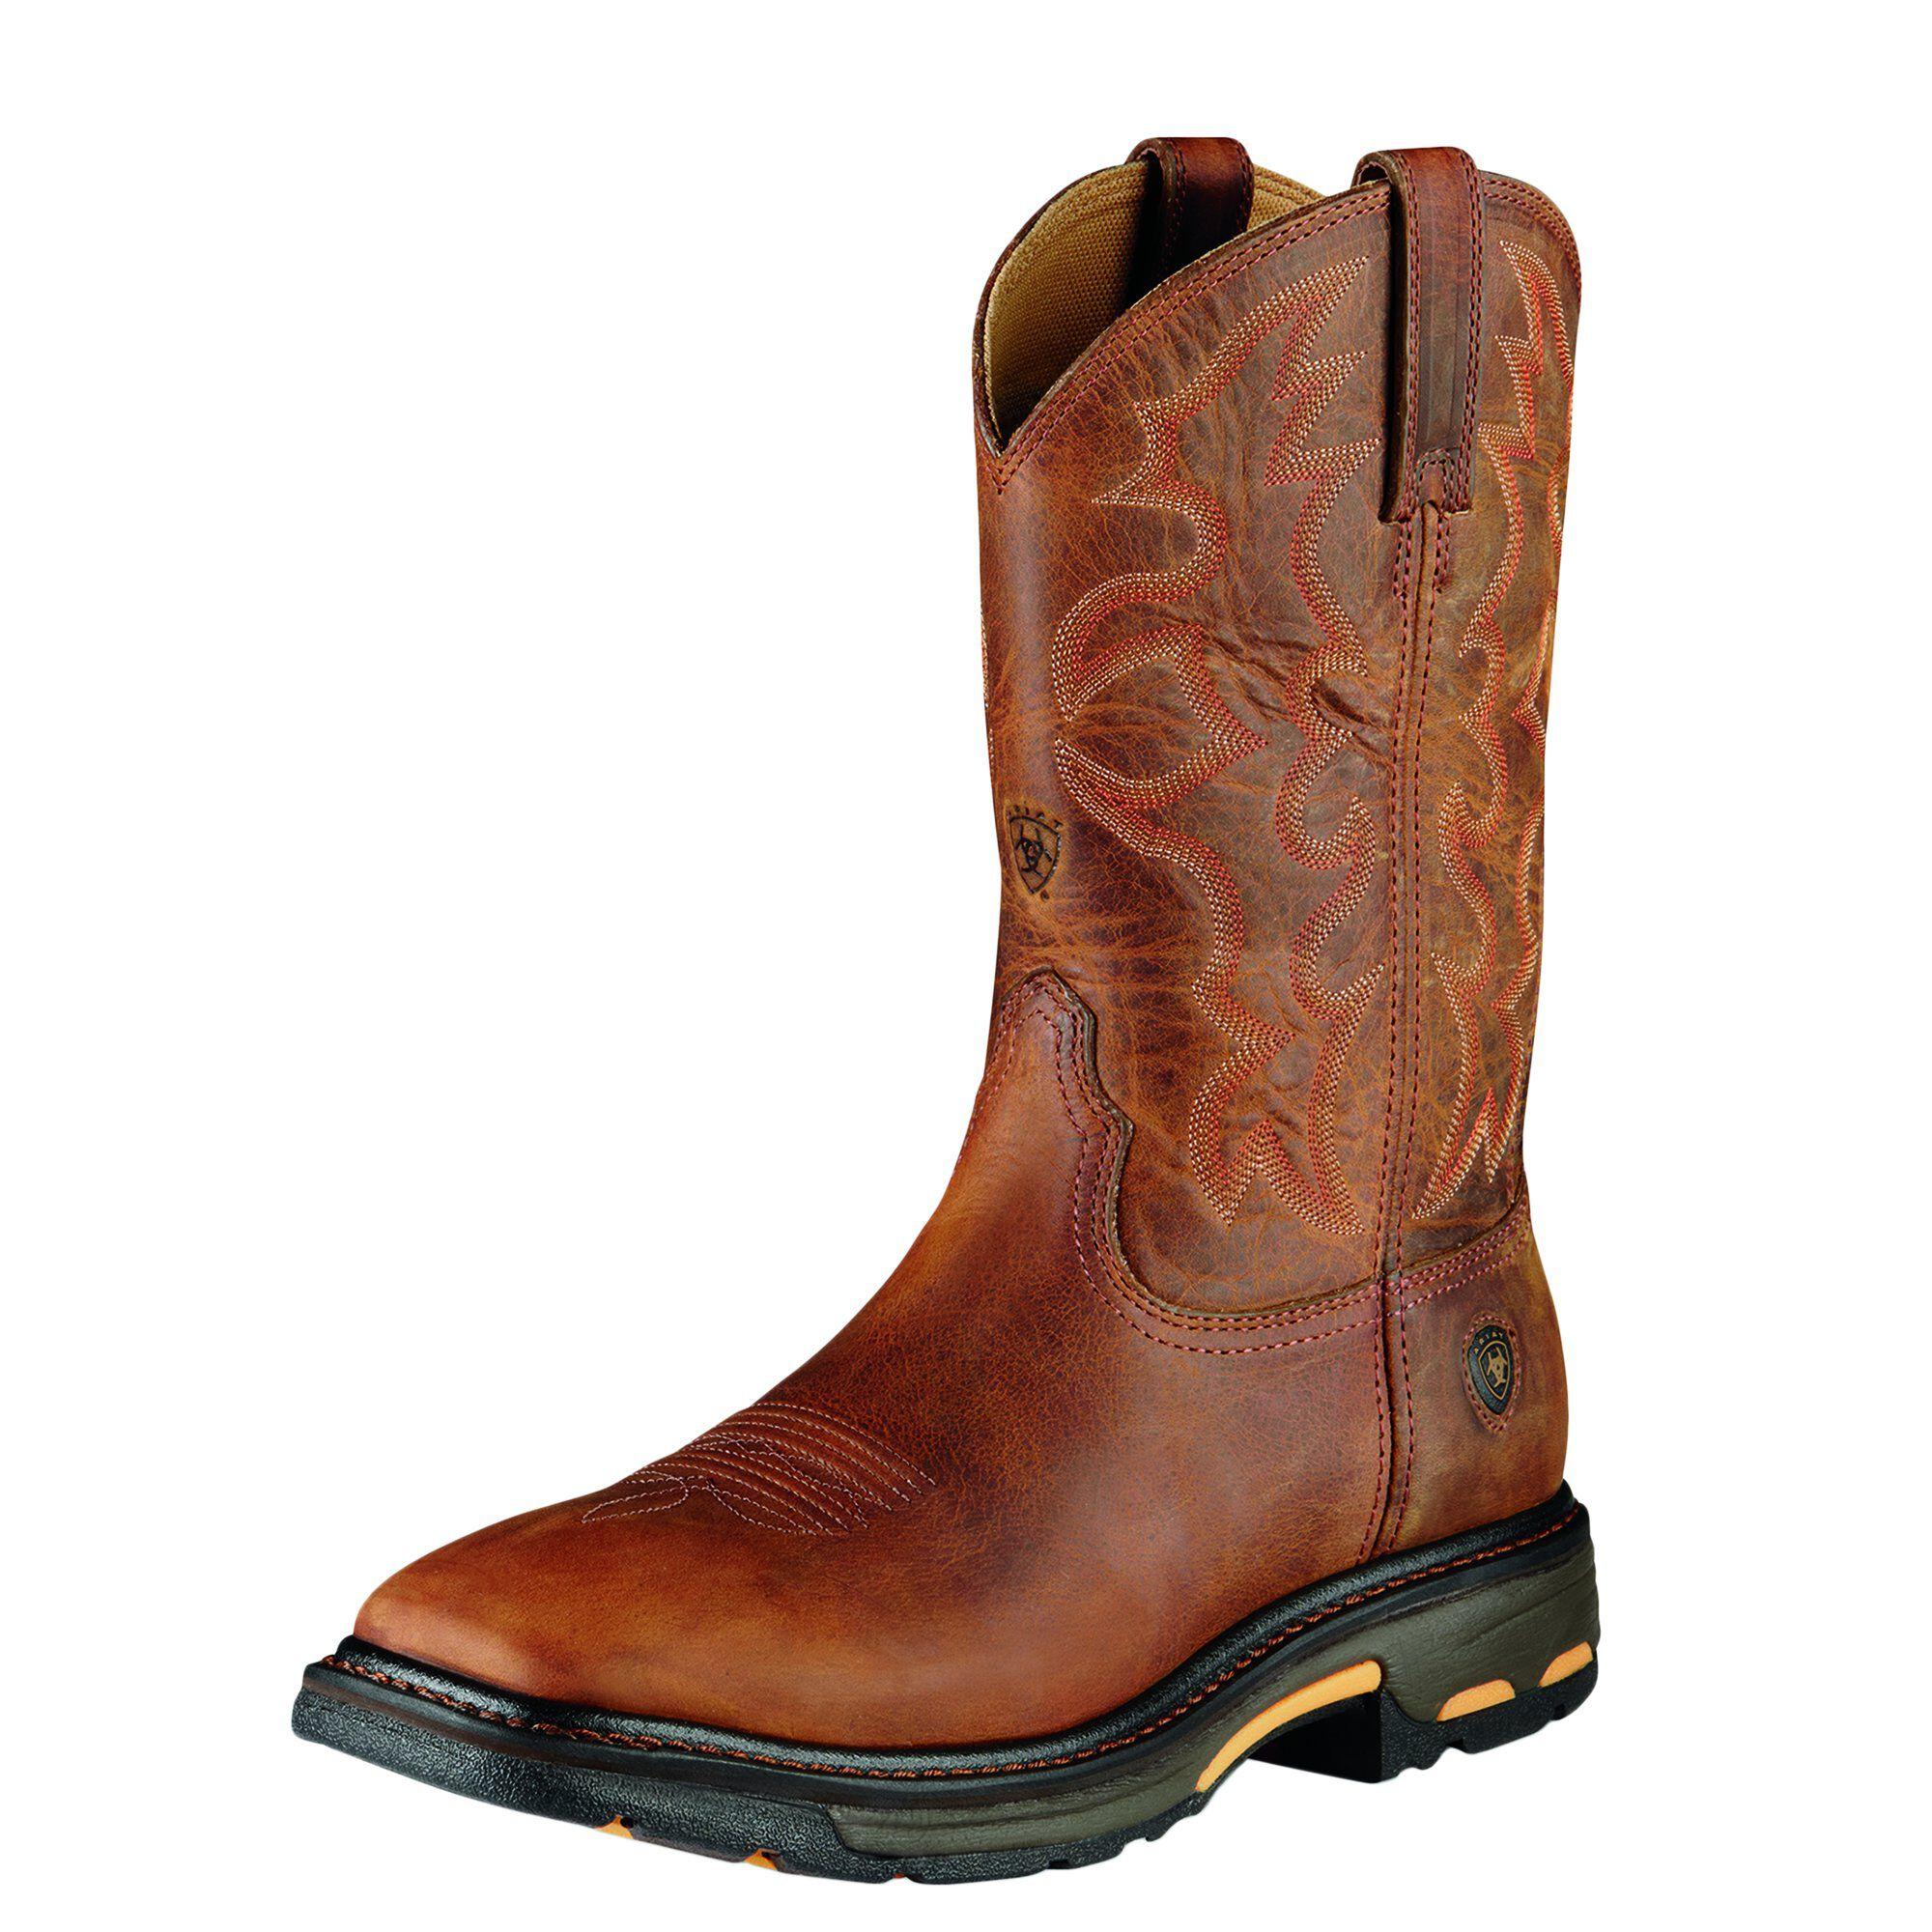 WorkHog Steel Toe Work Boot